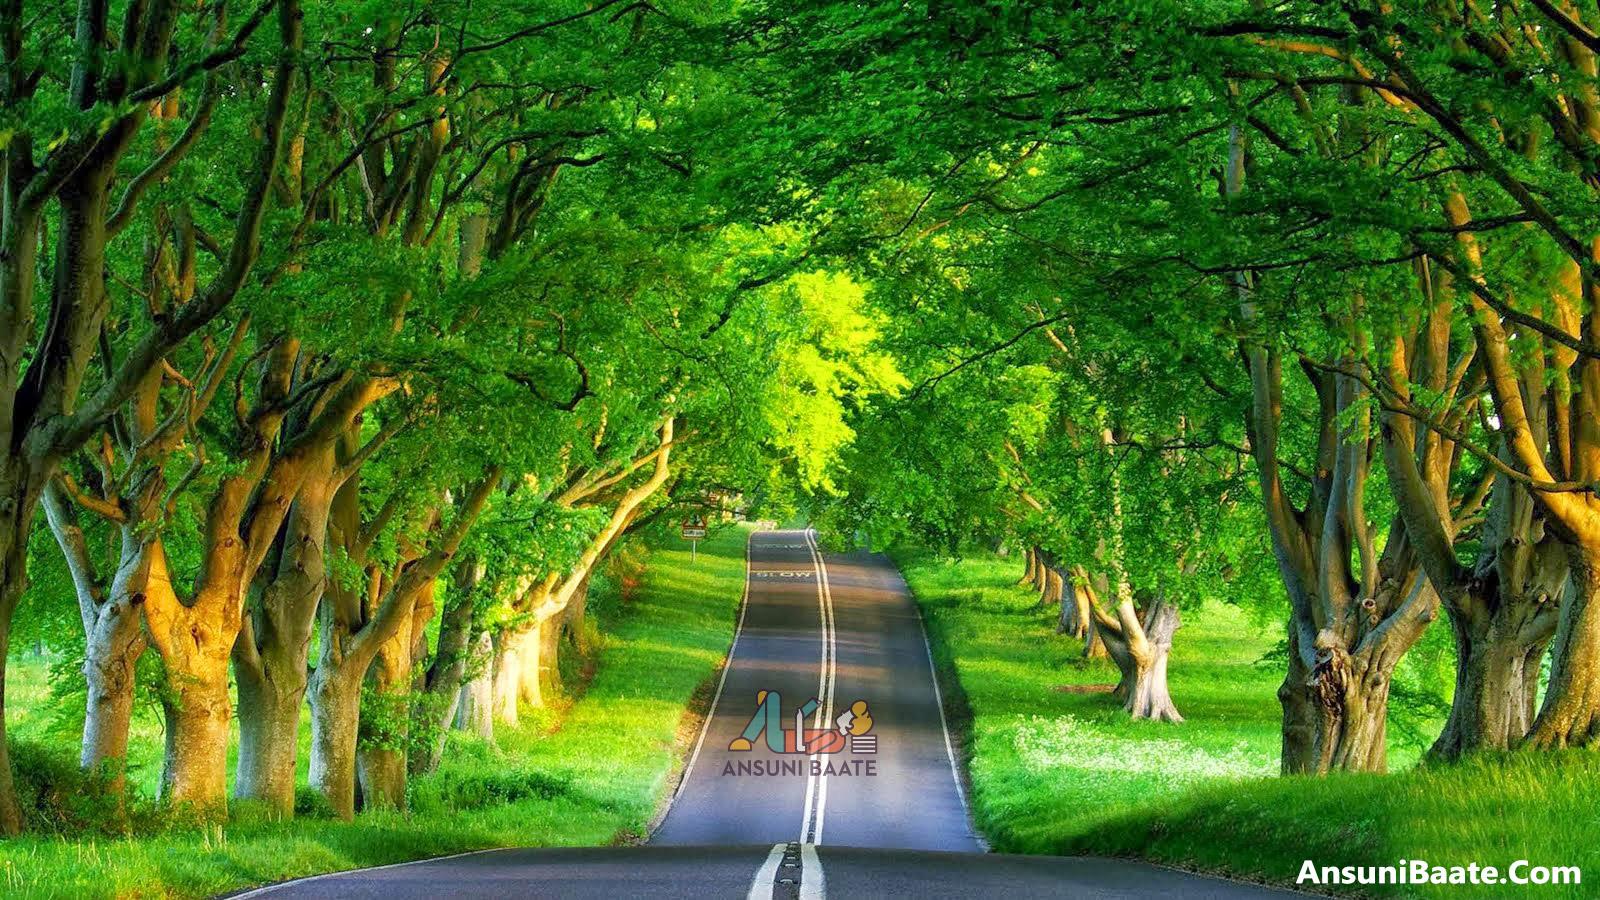 Herz berührt Bilder Natur   HD Wallpaper herunterladen für Handy ...